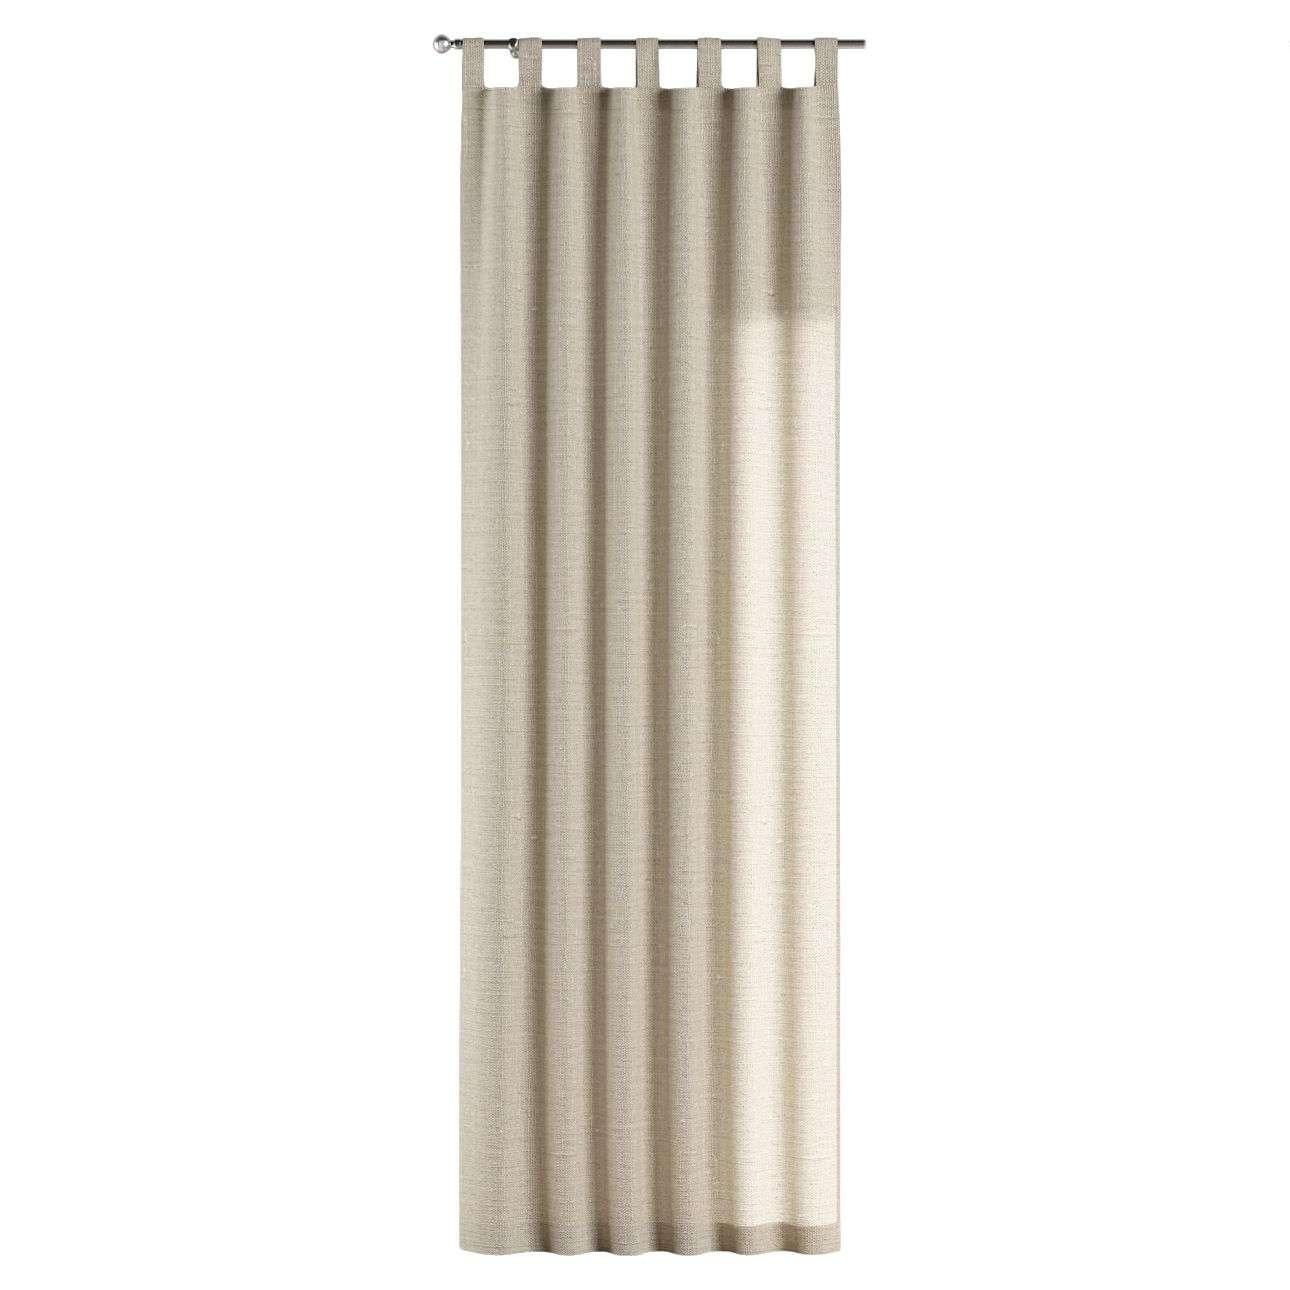 Gardin med stropper 1 stk. 130 x 260 cm fra kolleksjonen Linen, Stoffets bredde: 392-05